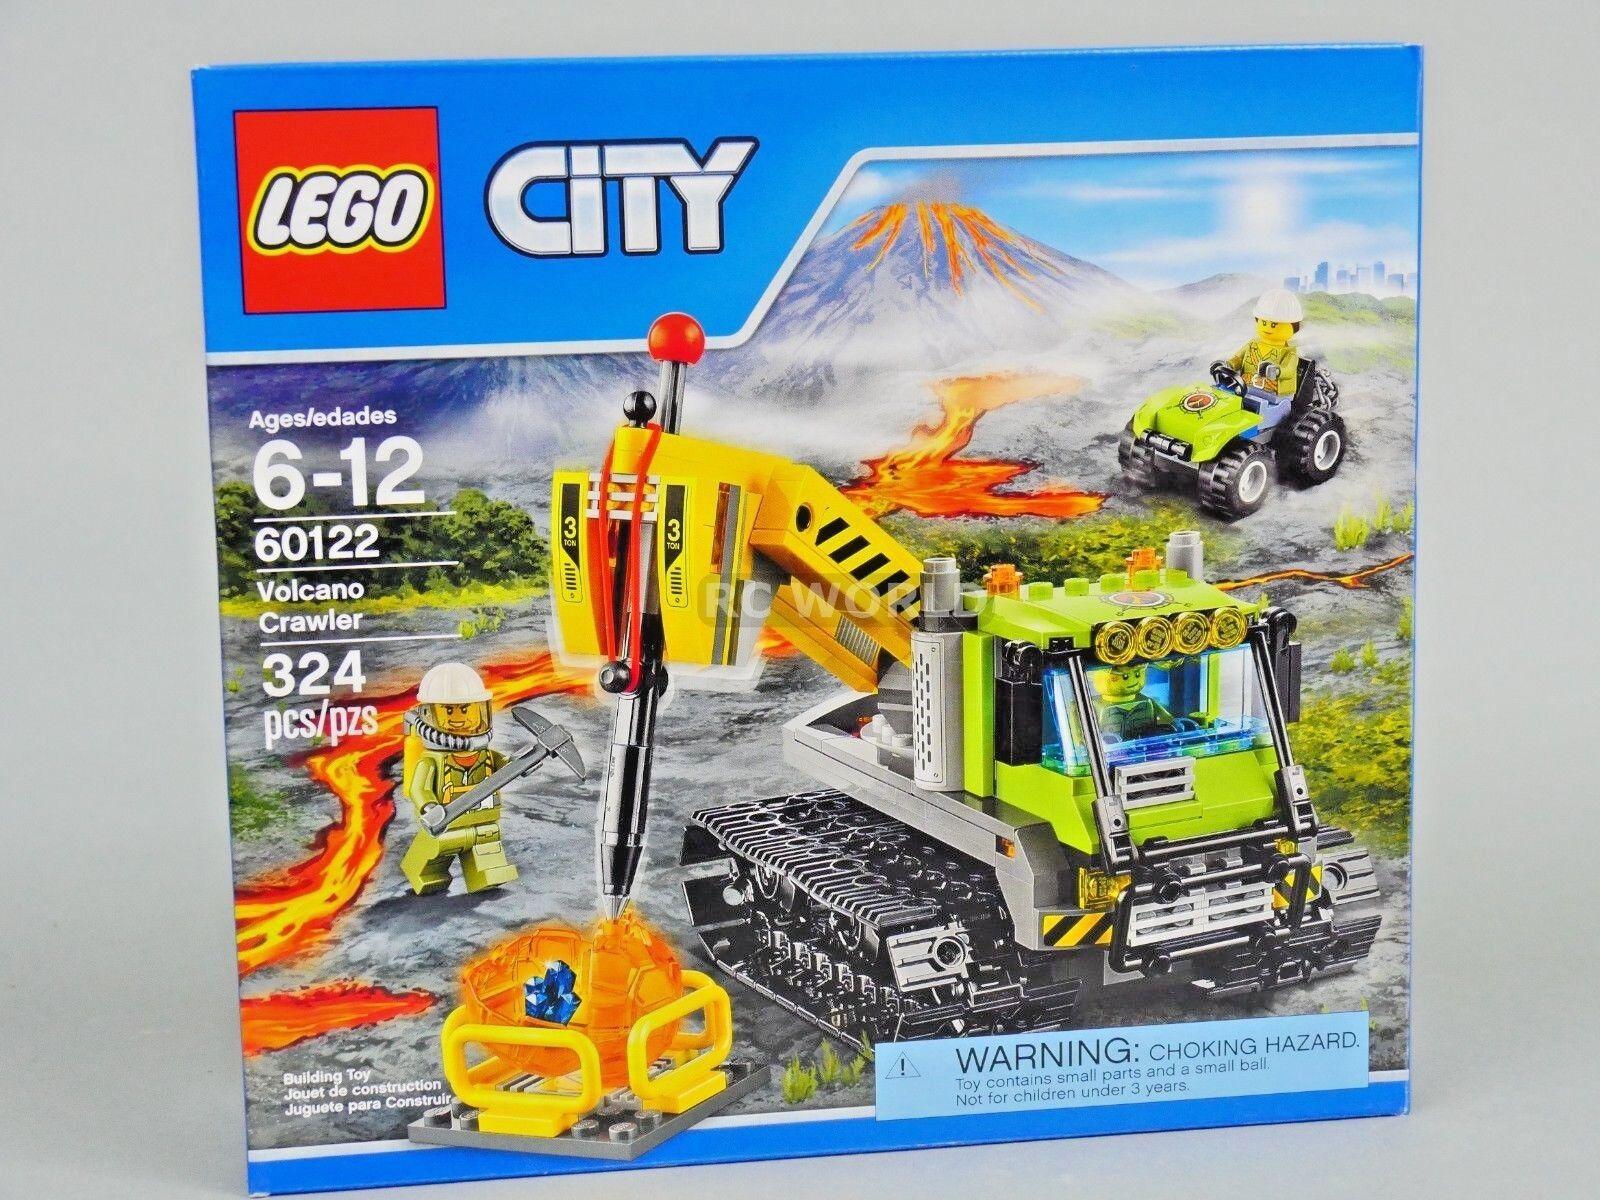 Lego Città Vulcano Explorers Vulcano Cingolato 60122  oob3 oob3 oob3 99dba1